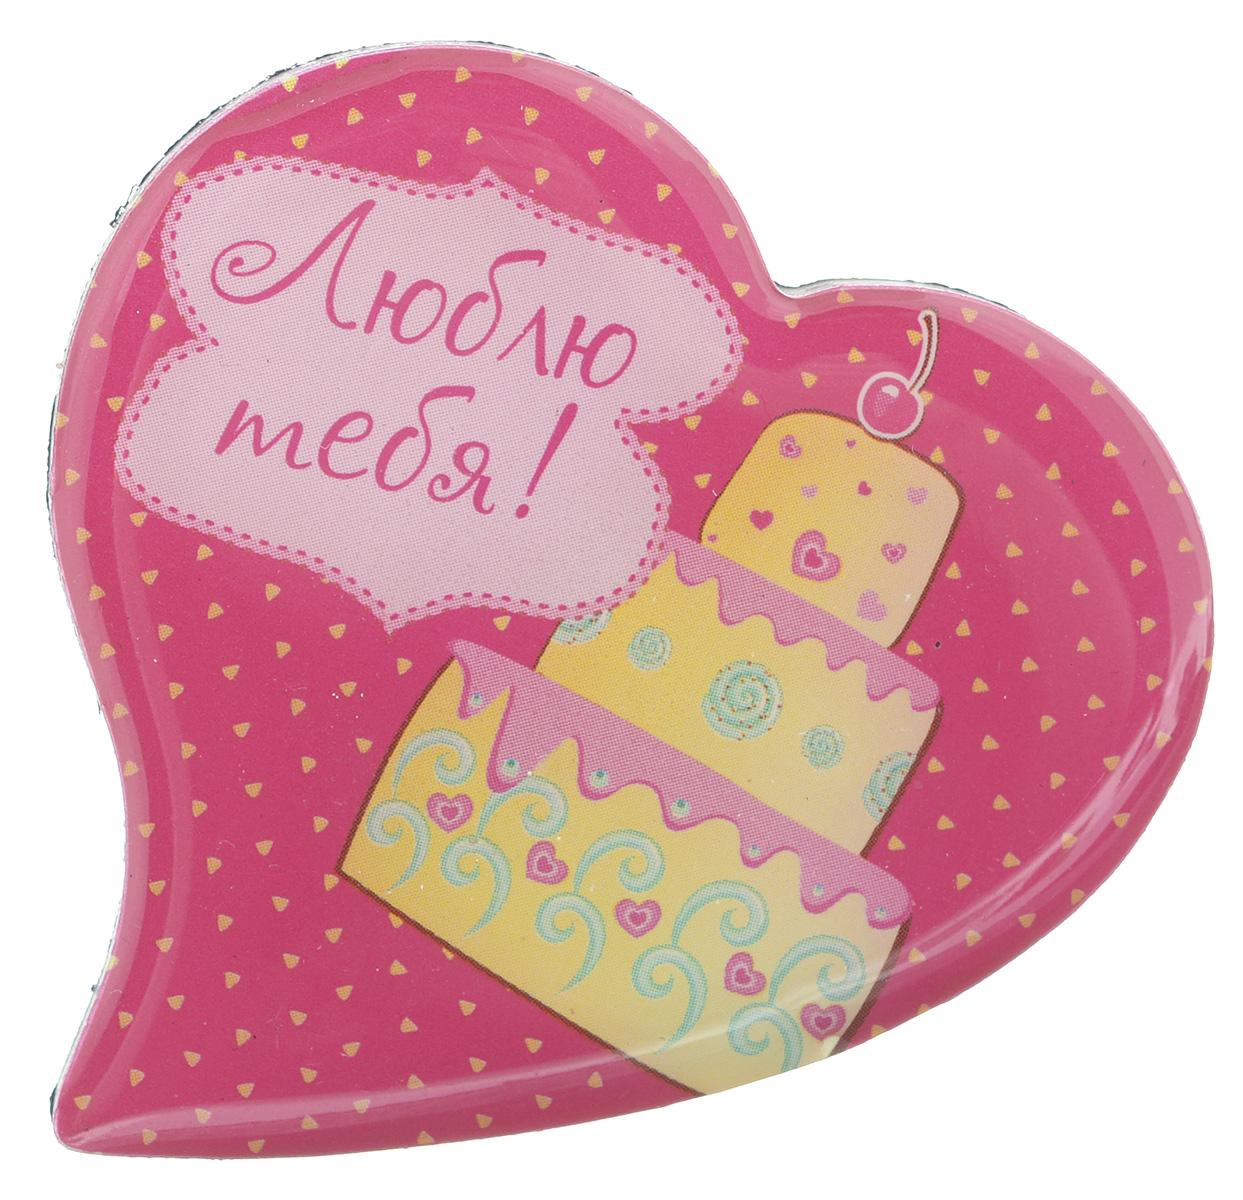 Магнит Феникс-презент Люблю тебя!, 5 x 5 см 27181RG-D31SМагнит в форме сердца Феникс-презент Люблю тебя!, выполненный из агломерированного феррита, станет приятным штрихом в повседневной жизни. Оригинальный магнит, декорированный изображением торта, поможет вам украсить не только холодильник, но и любую другую магнитную поверхность. Материал: агломерированный феррит.